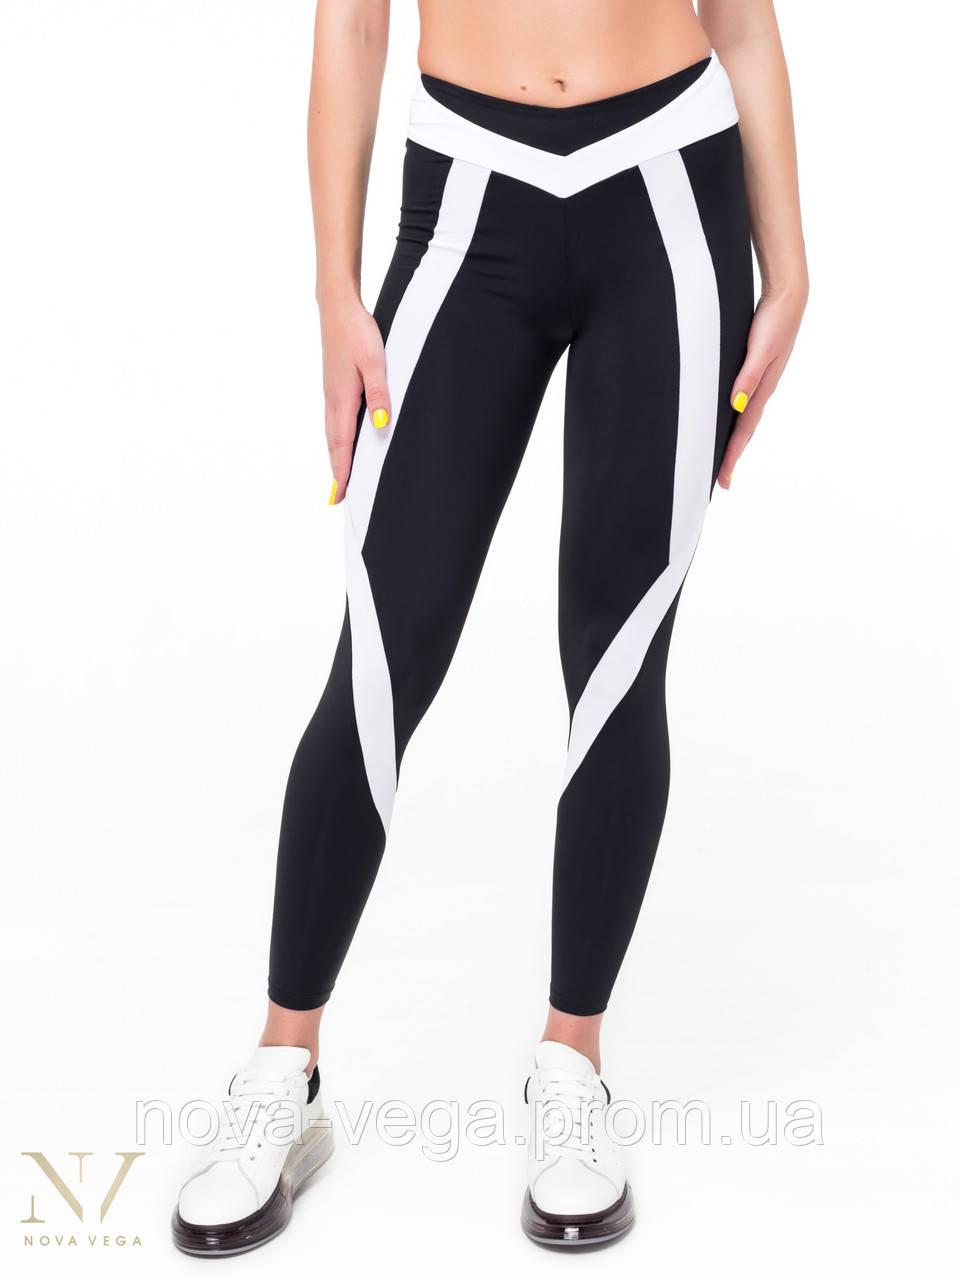 Современные Спортивные Женские Лосины Nova Vega Angel Black&White